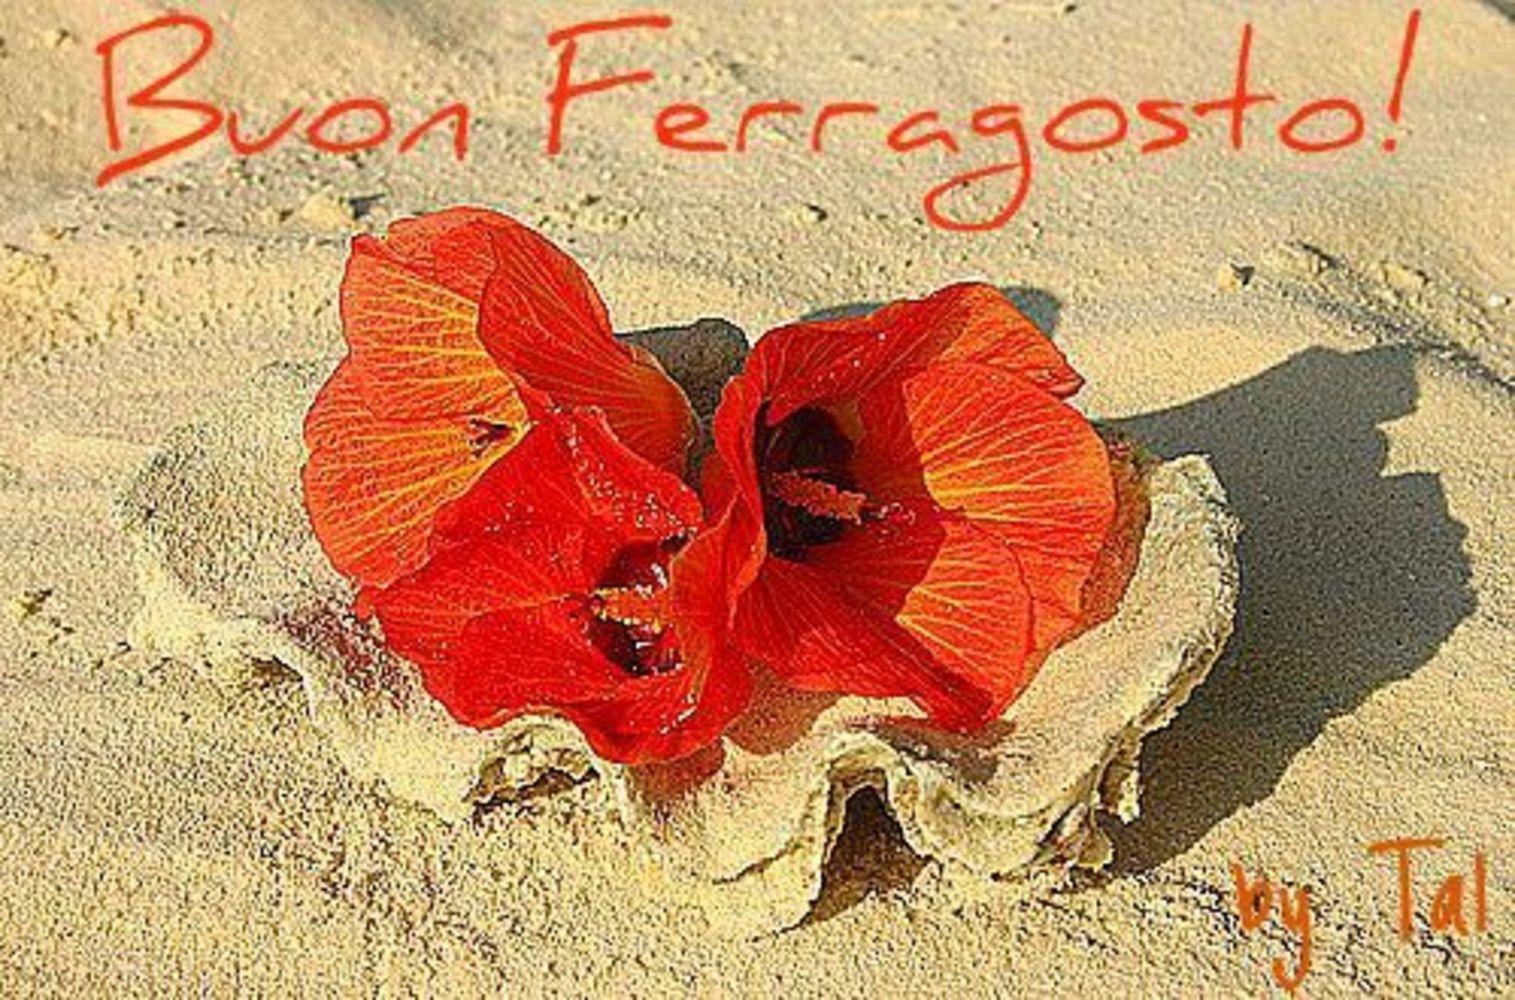 Buon-Ferragosto-Immagini-per-Whatsapp-36